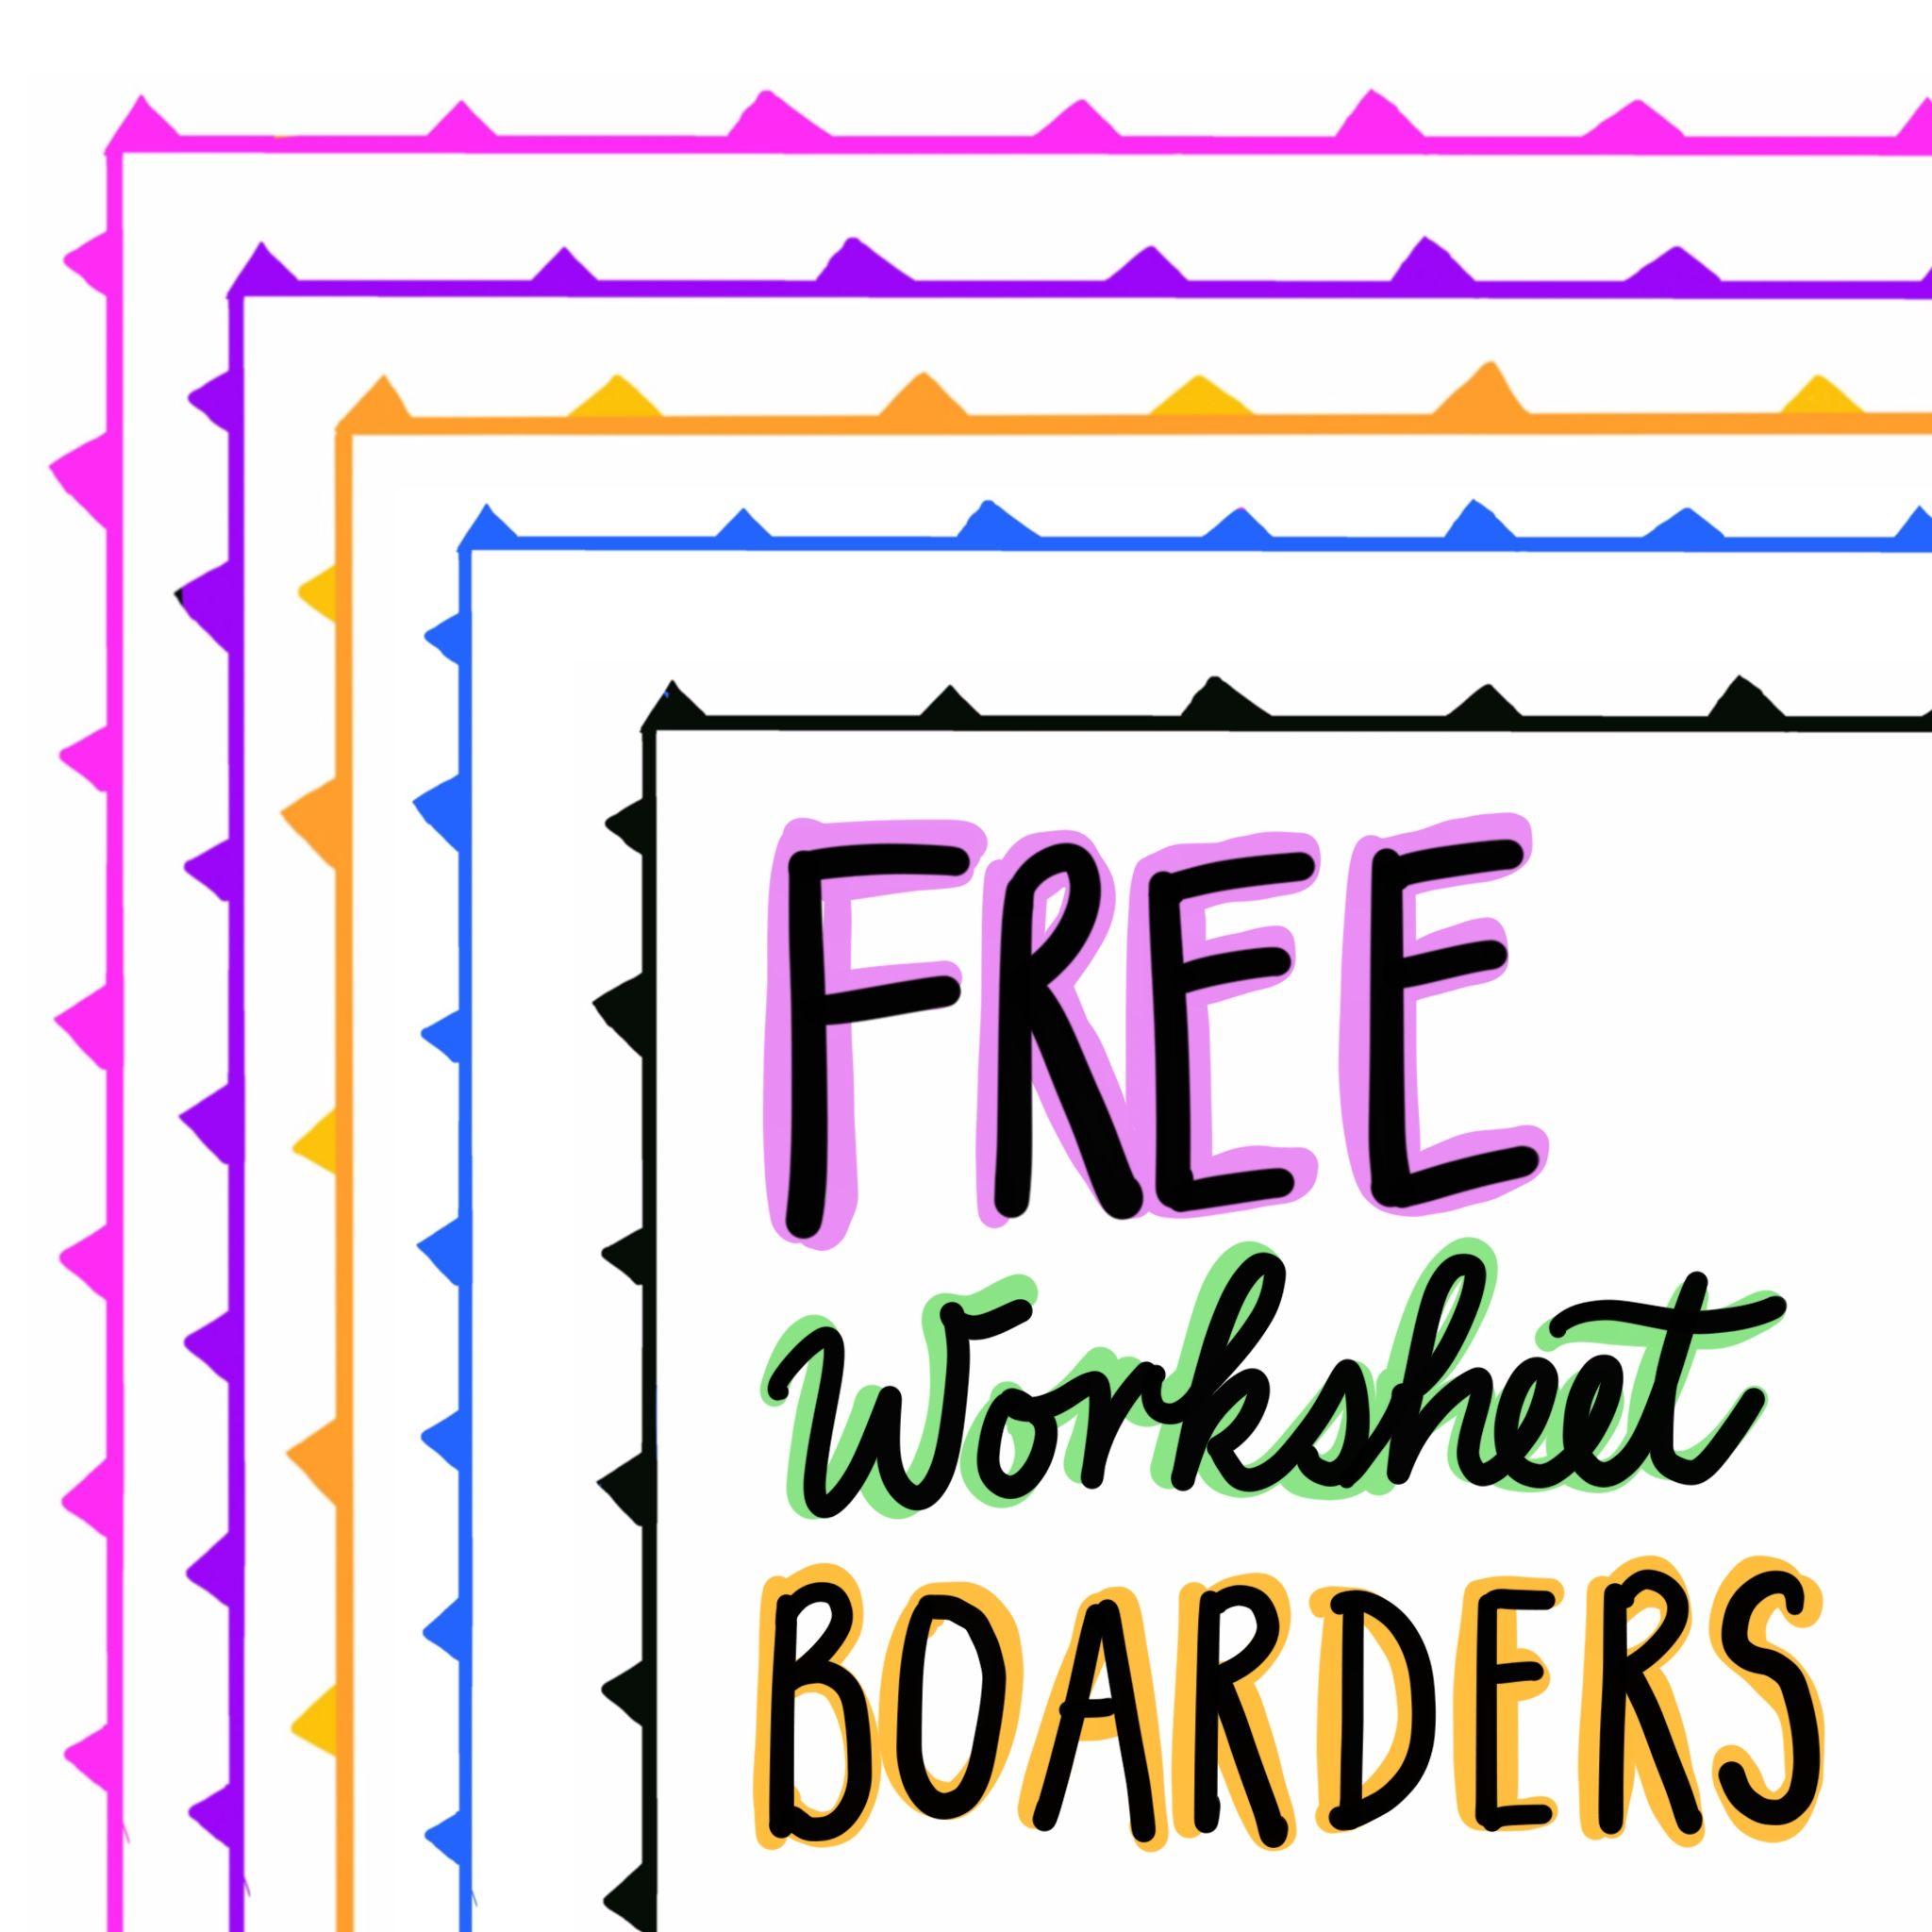 Free Flag Worksheet Boarders